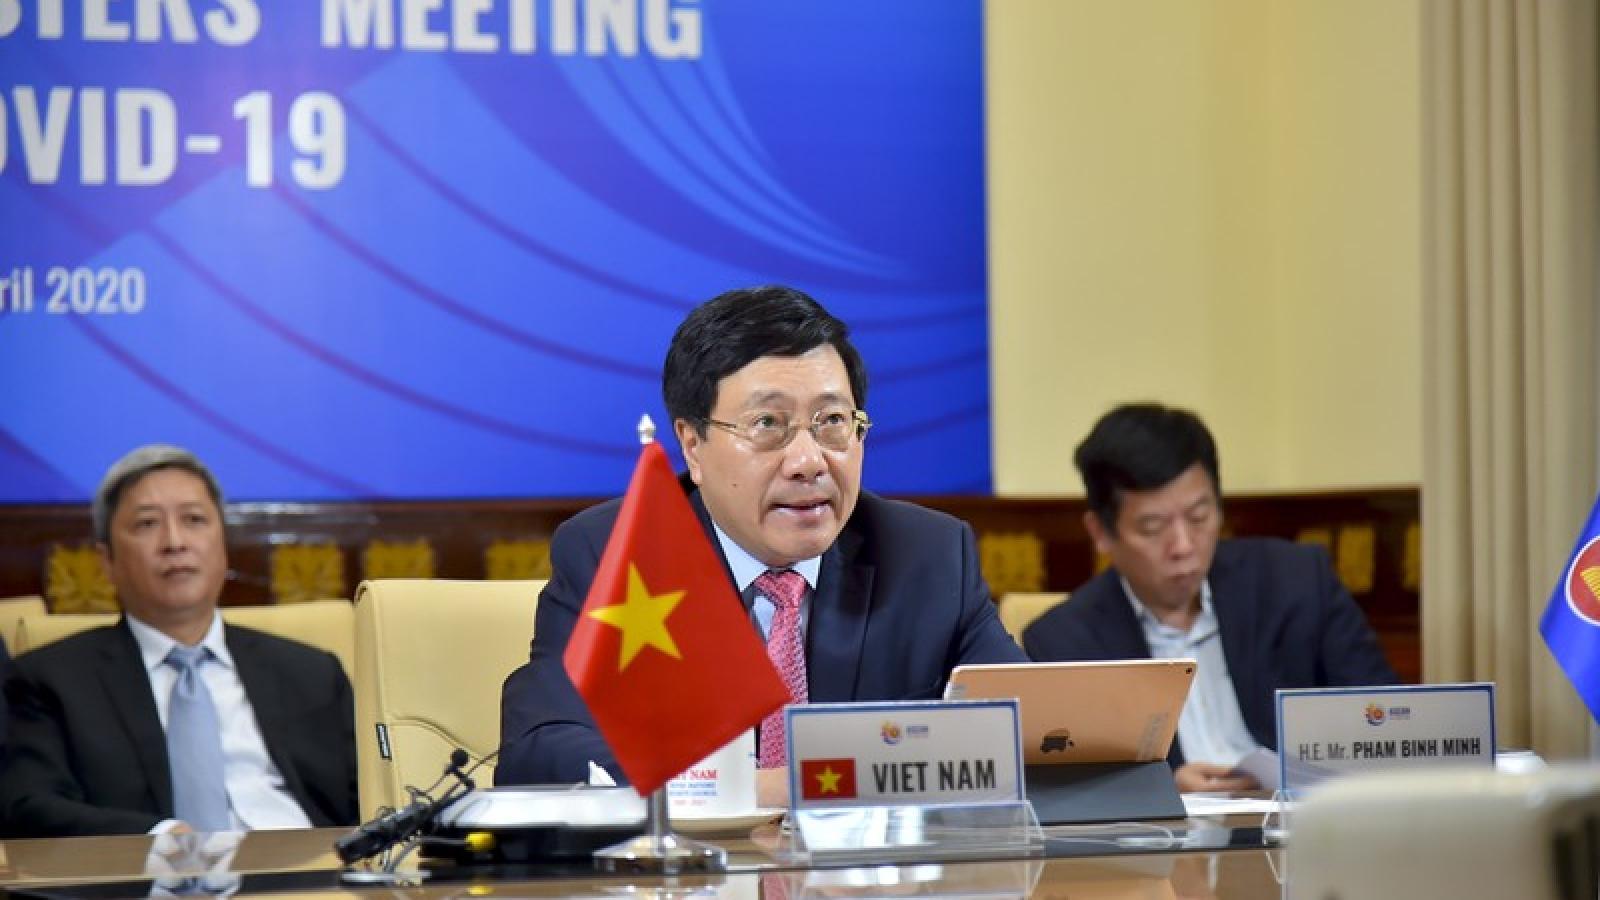 ASEAN - Mỹ họp Bộ trưởng Ngoại giao về hợp tác ứng phó dịch Covid-19